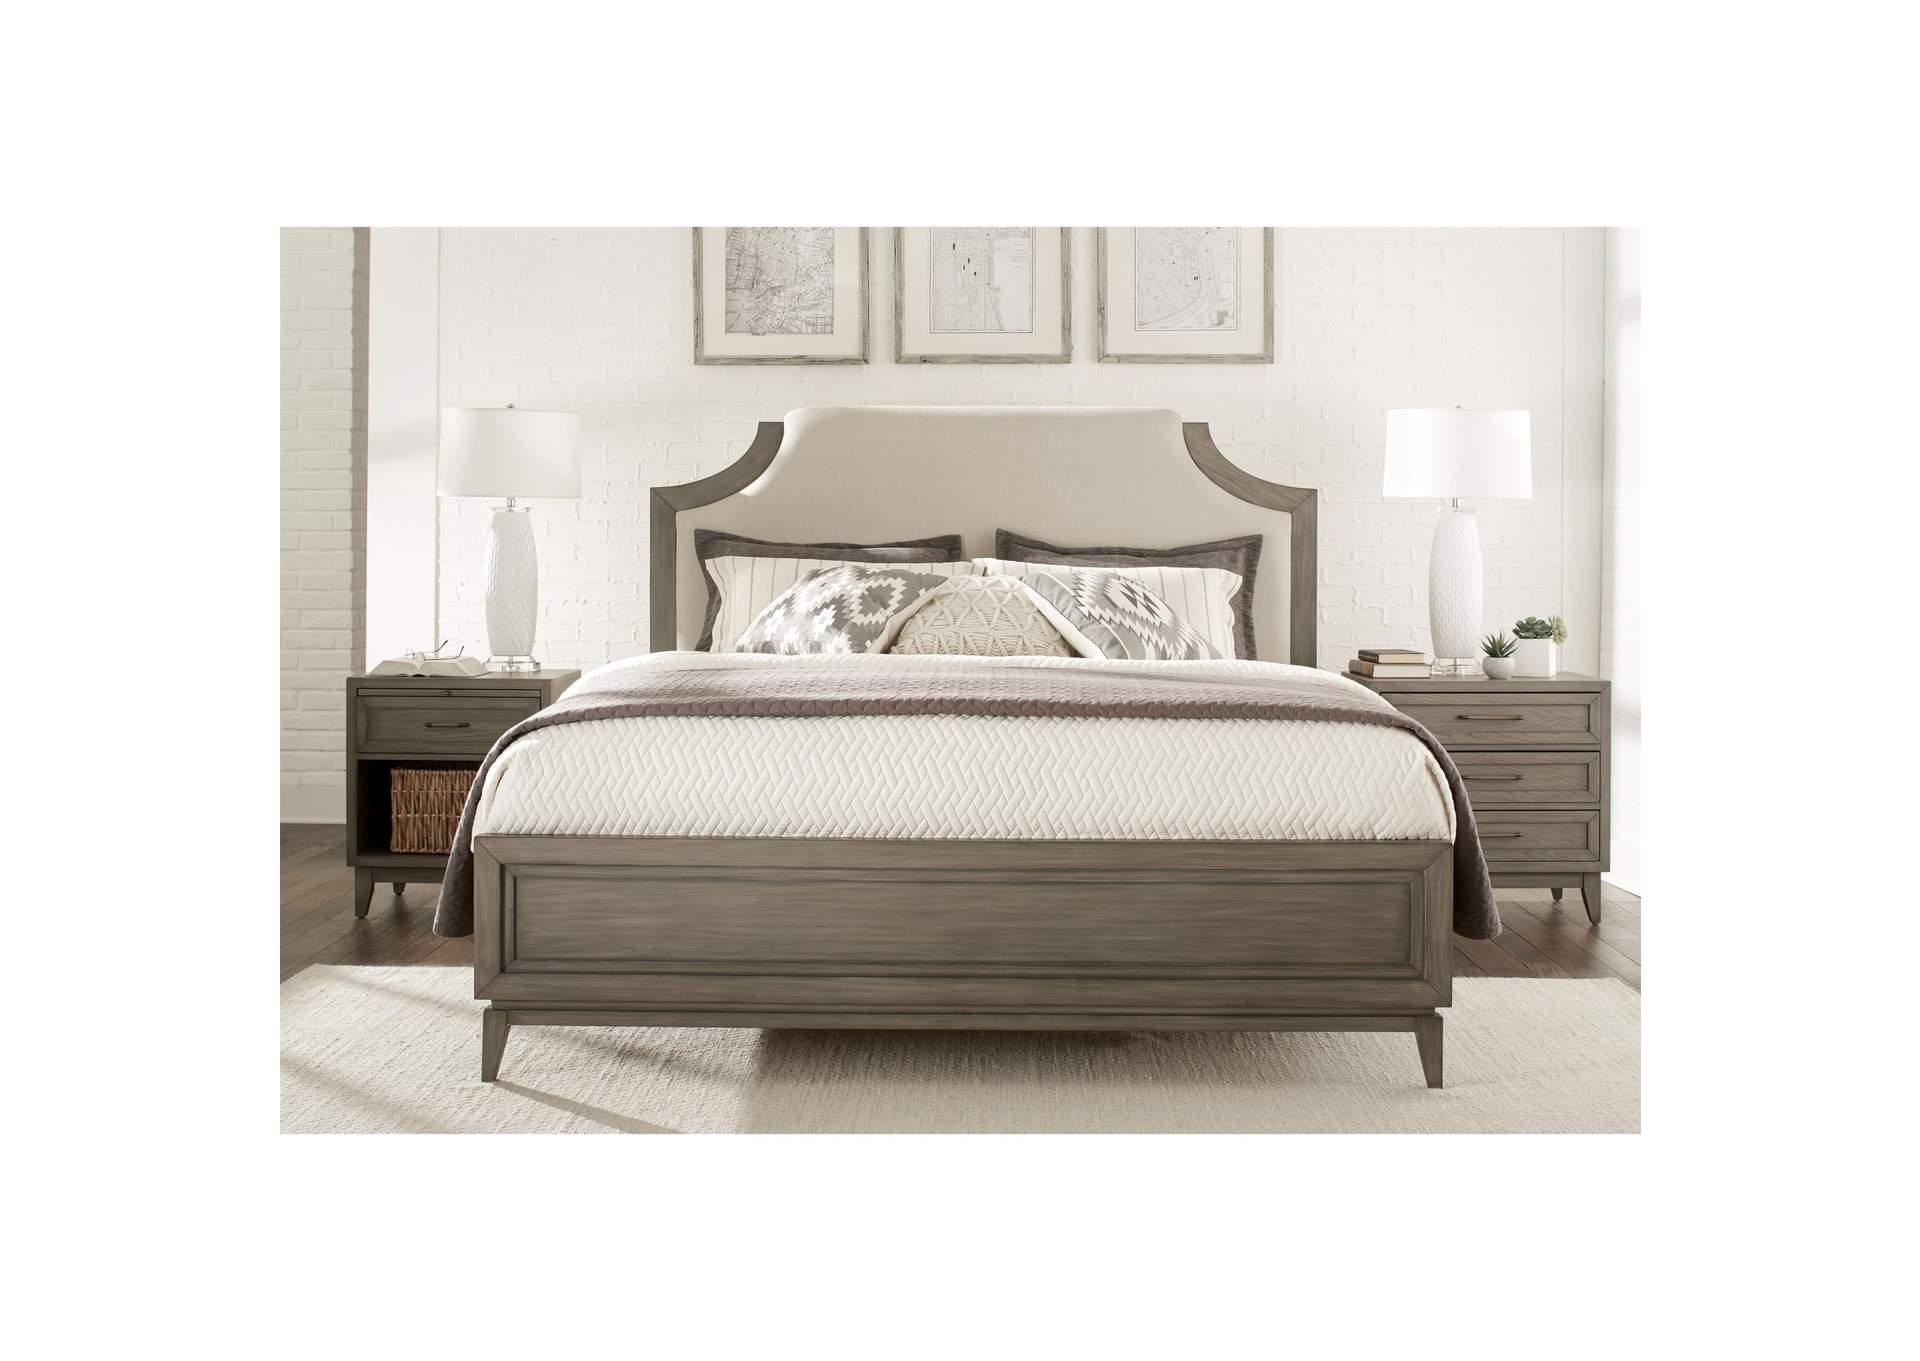 Penland\'s Furniture Vogue Gray Wash King Upholstered Bed